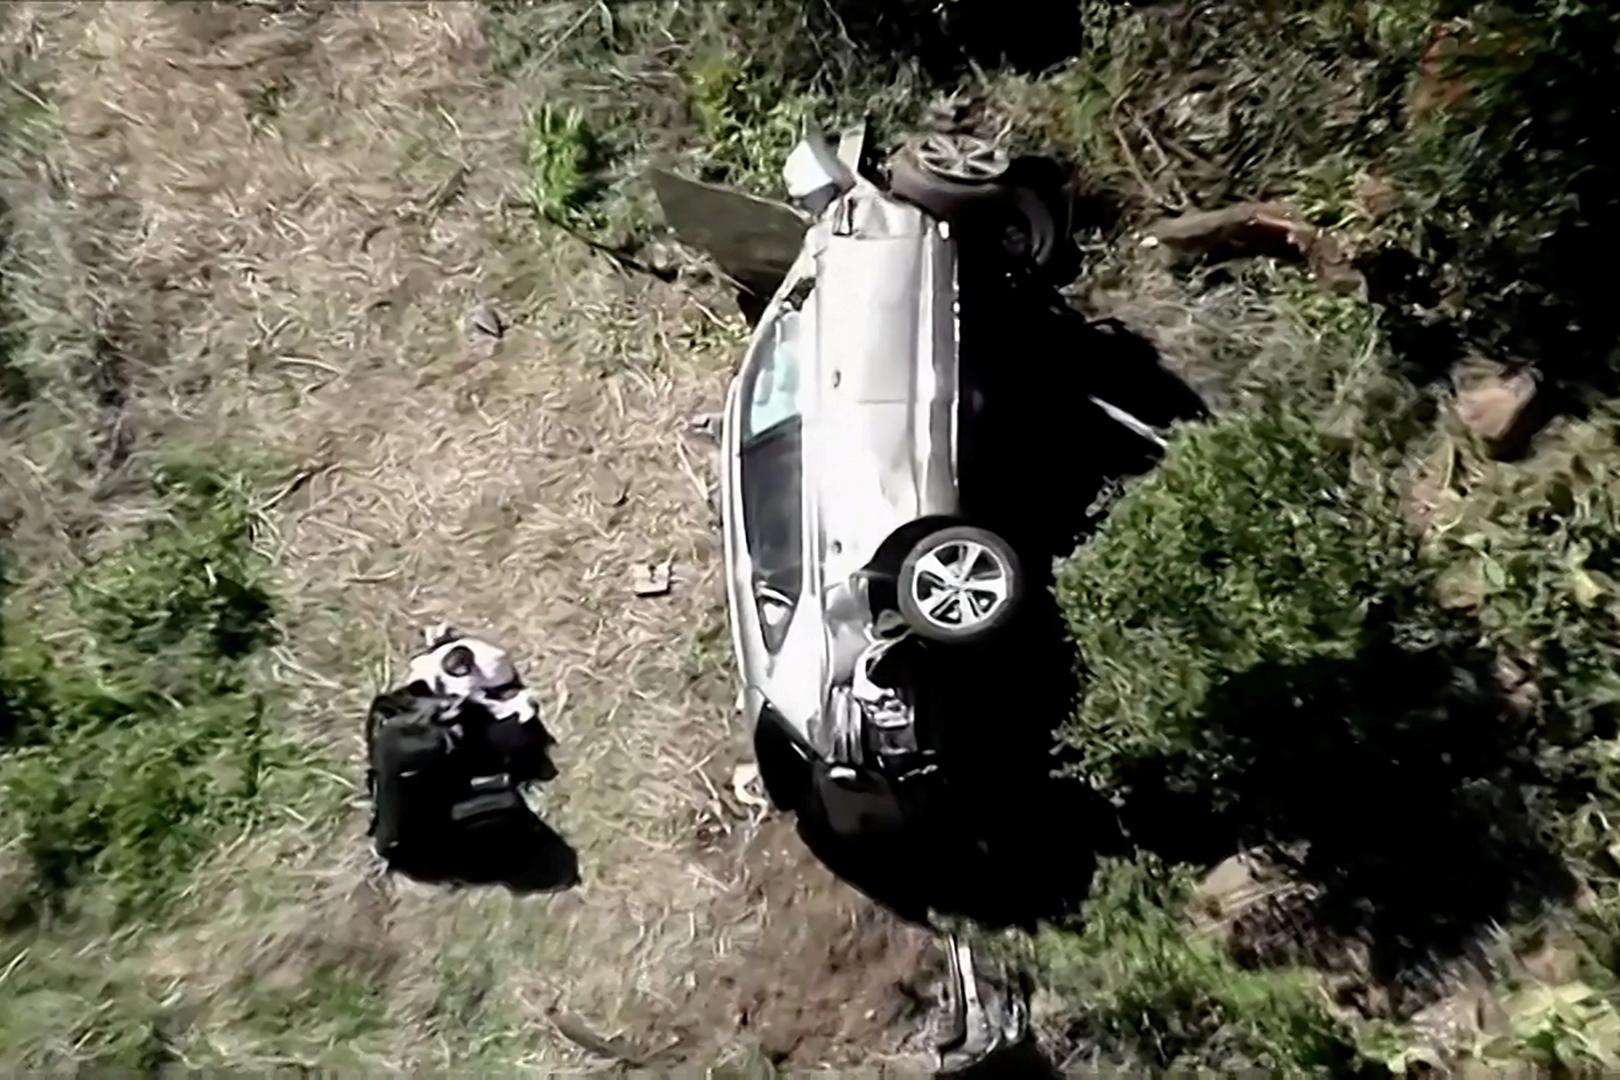 أسطورة الغولف تايغر وودز يتعرض لإصابات خطيرة في قدميه إثر حادث سير (صورة + فيديو)